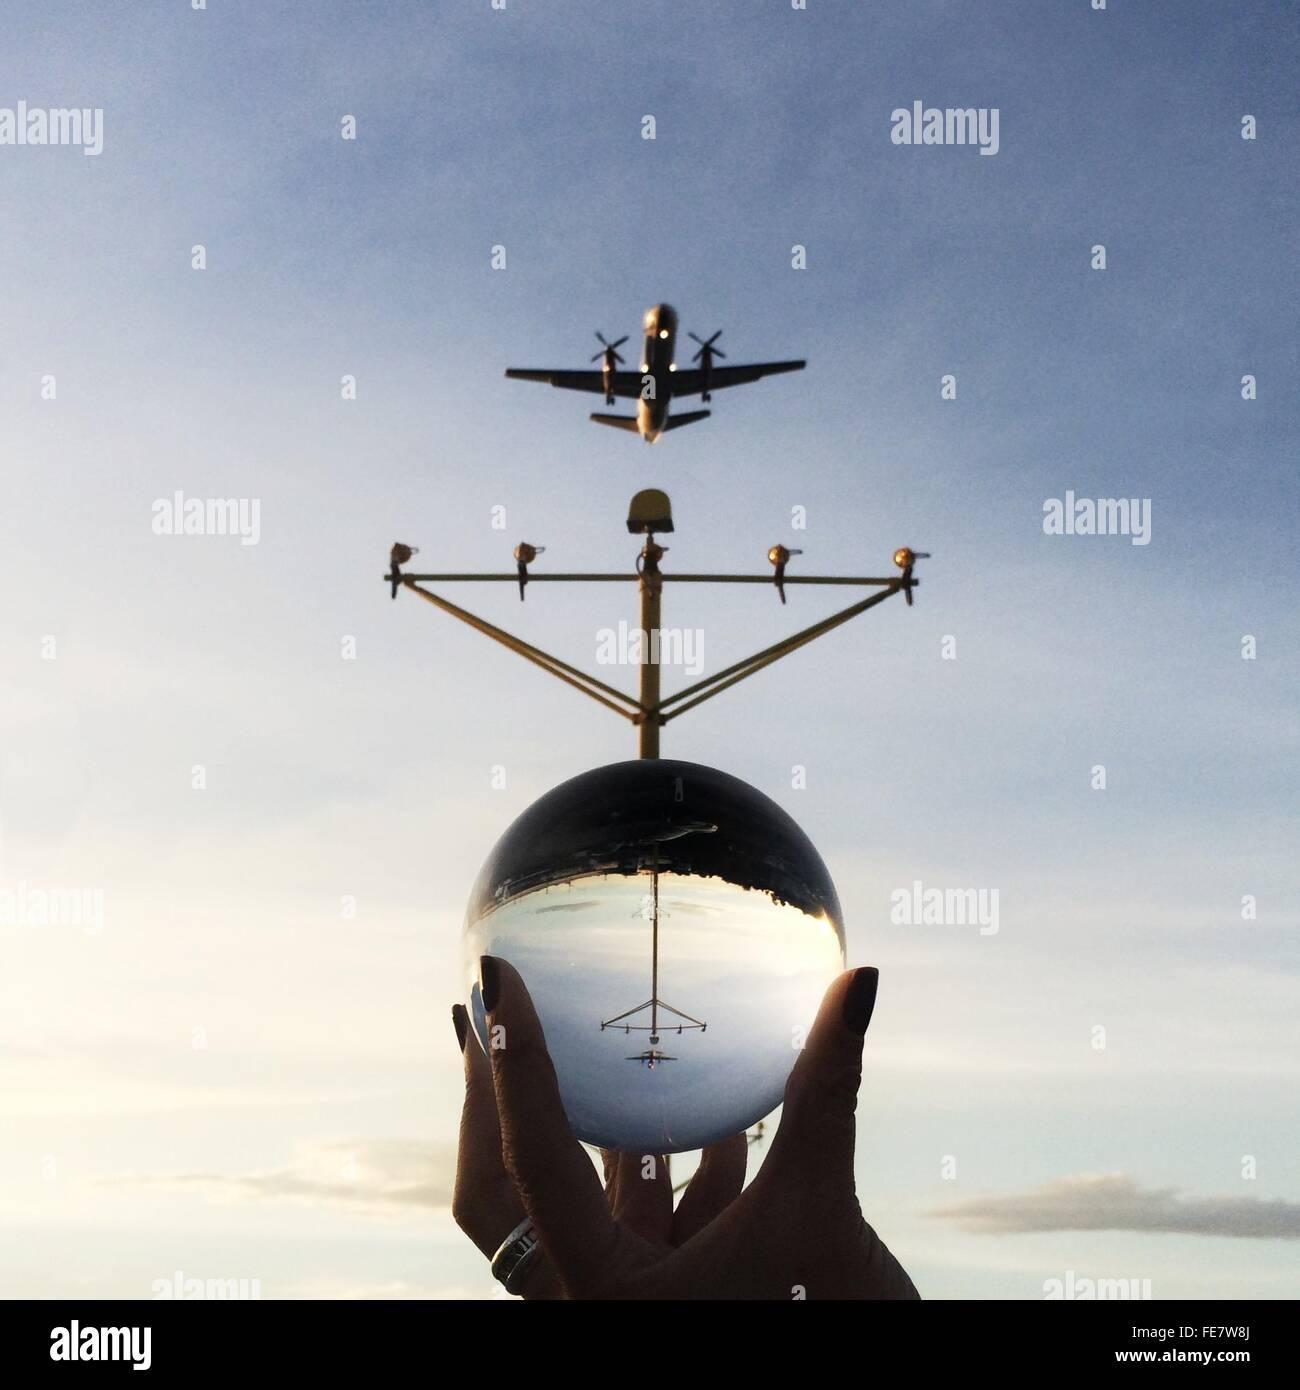 Reflejo de avión en esfera de cristal Imagen De Stock